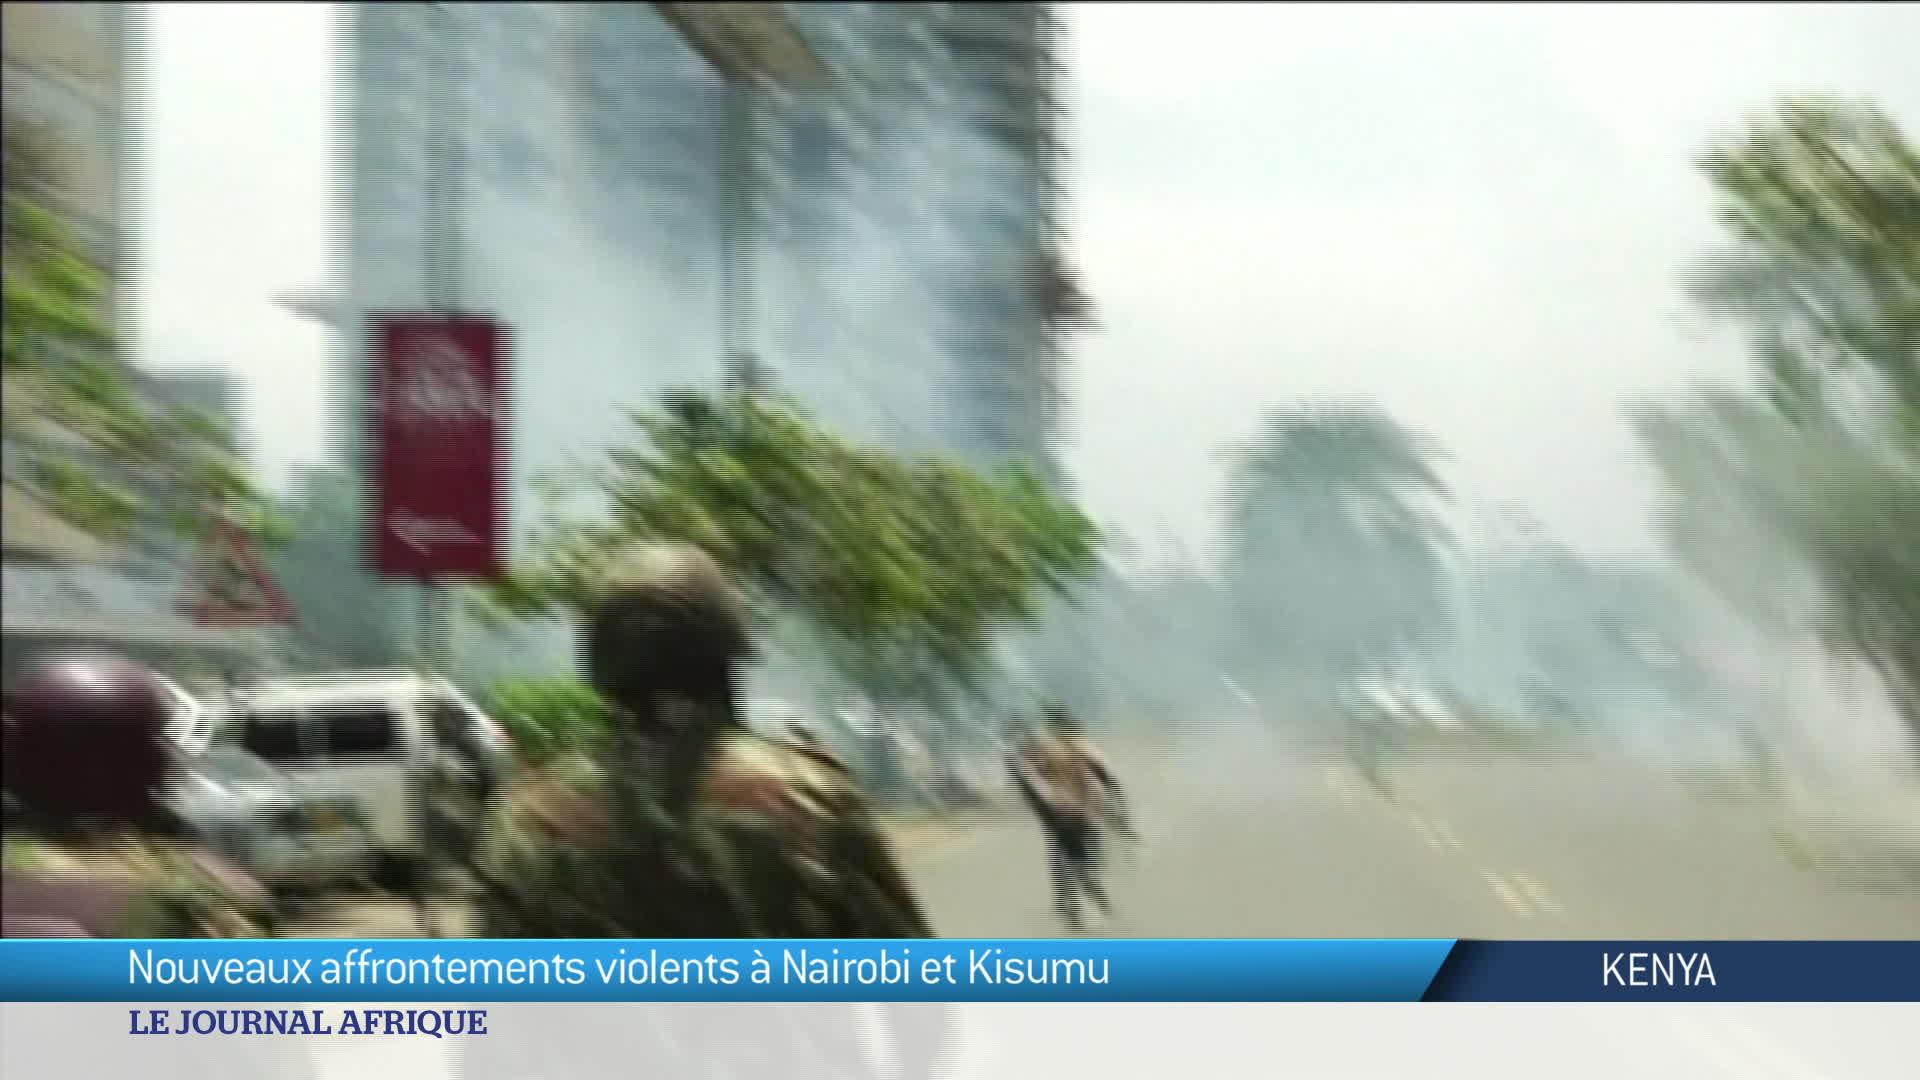 Nouveaux affrontements violents au Kenya